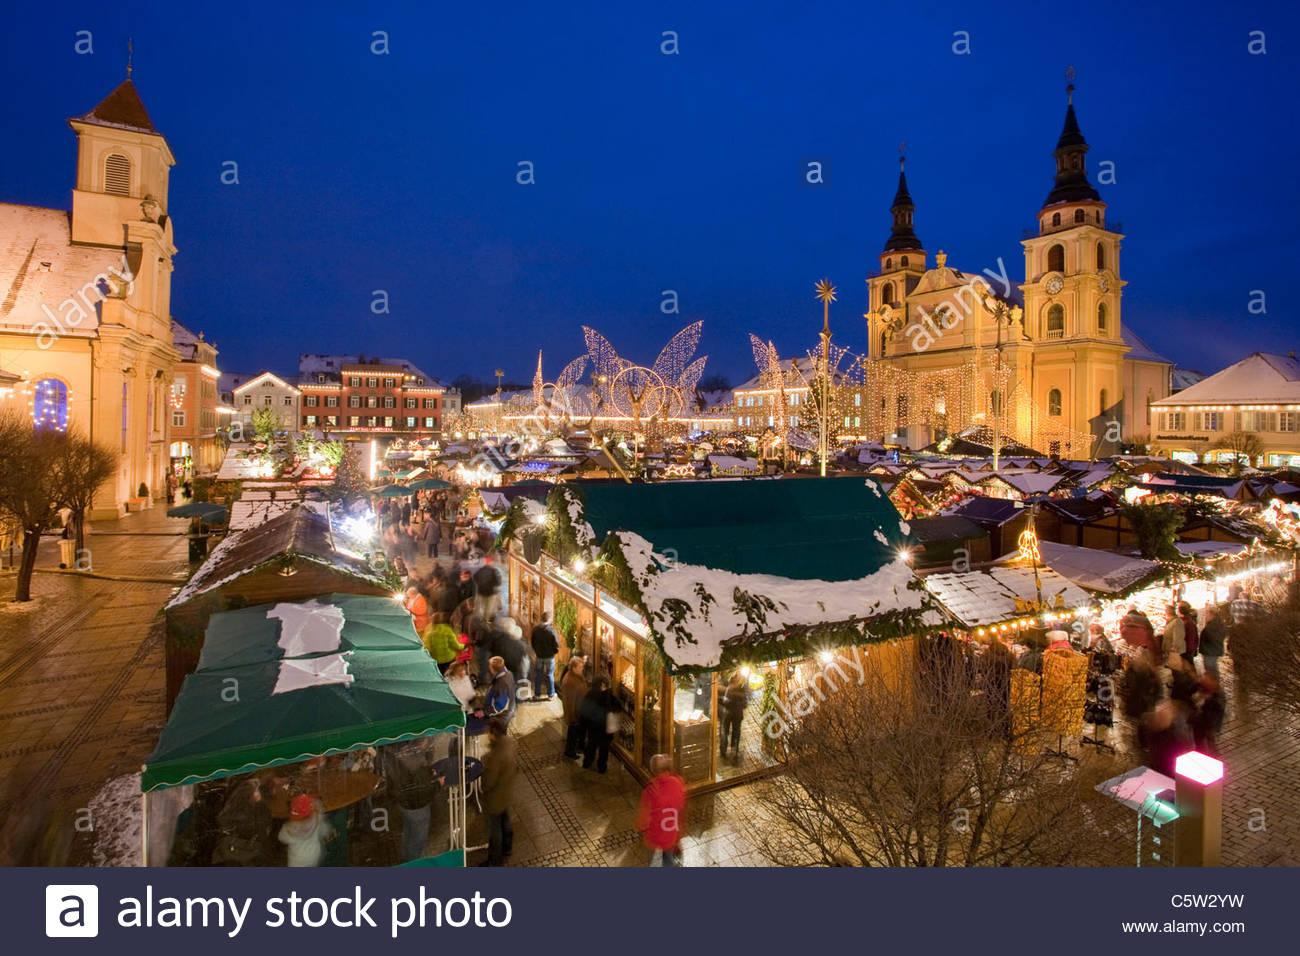 Ludwigsburg Weihnachtsmarkt.Deutschland Baden Württemberg Ludwigsburg Weihnachtsmarkt Erhöht